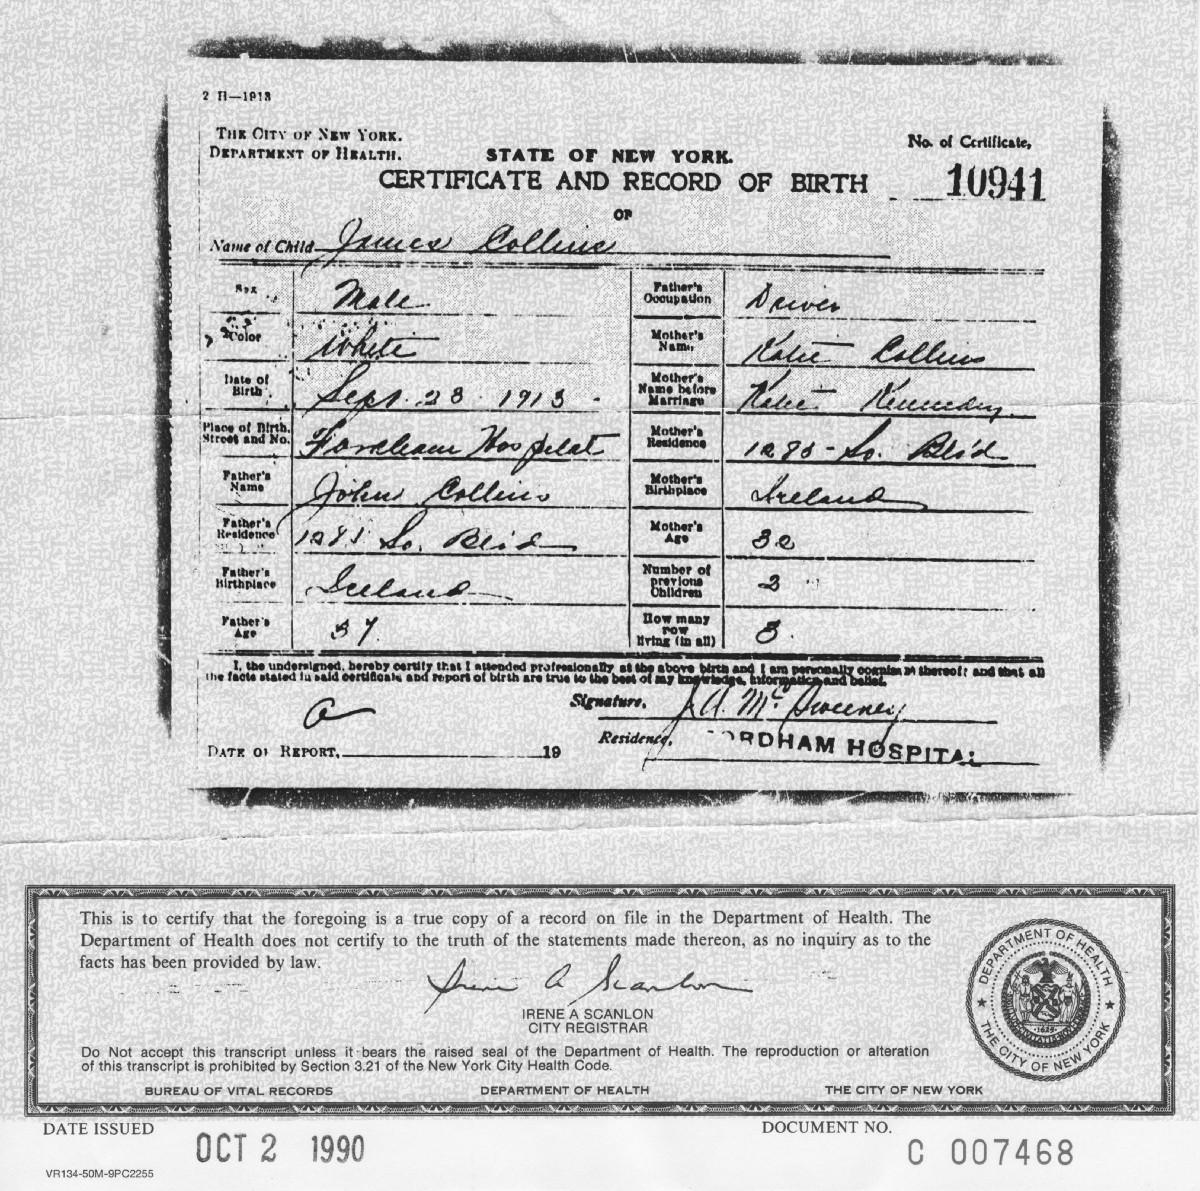 Копия свидетельства орождении Джима Коллинза,— номер этого свидетельства отстоит такового Филлипа Бенсона наединицу. Документы подписаны одним итем же врачом. Скорее всего, работа над этими документами велась близко по времени друг кдругу.